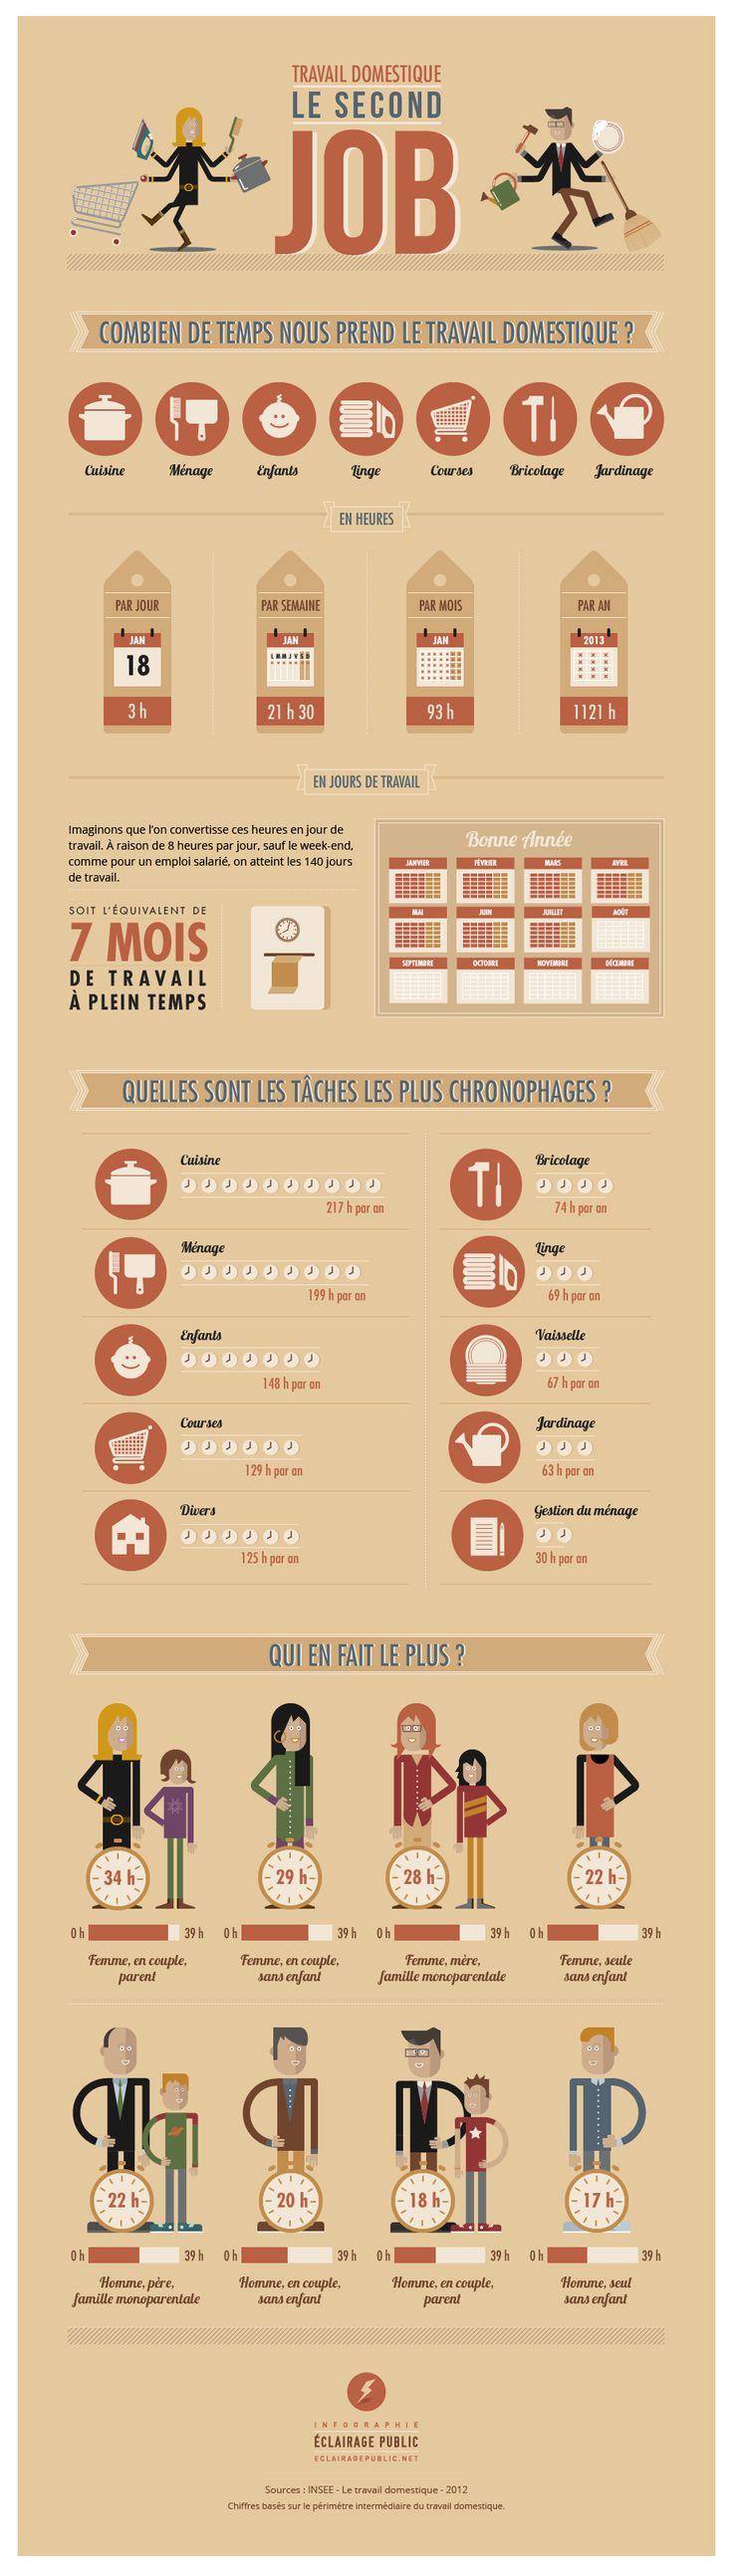 Travail domestique : le second job - Infographie by Eclairage Public